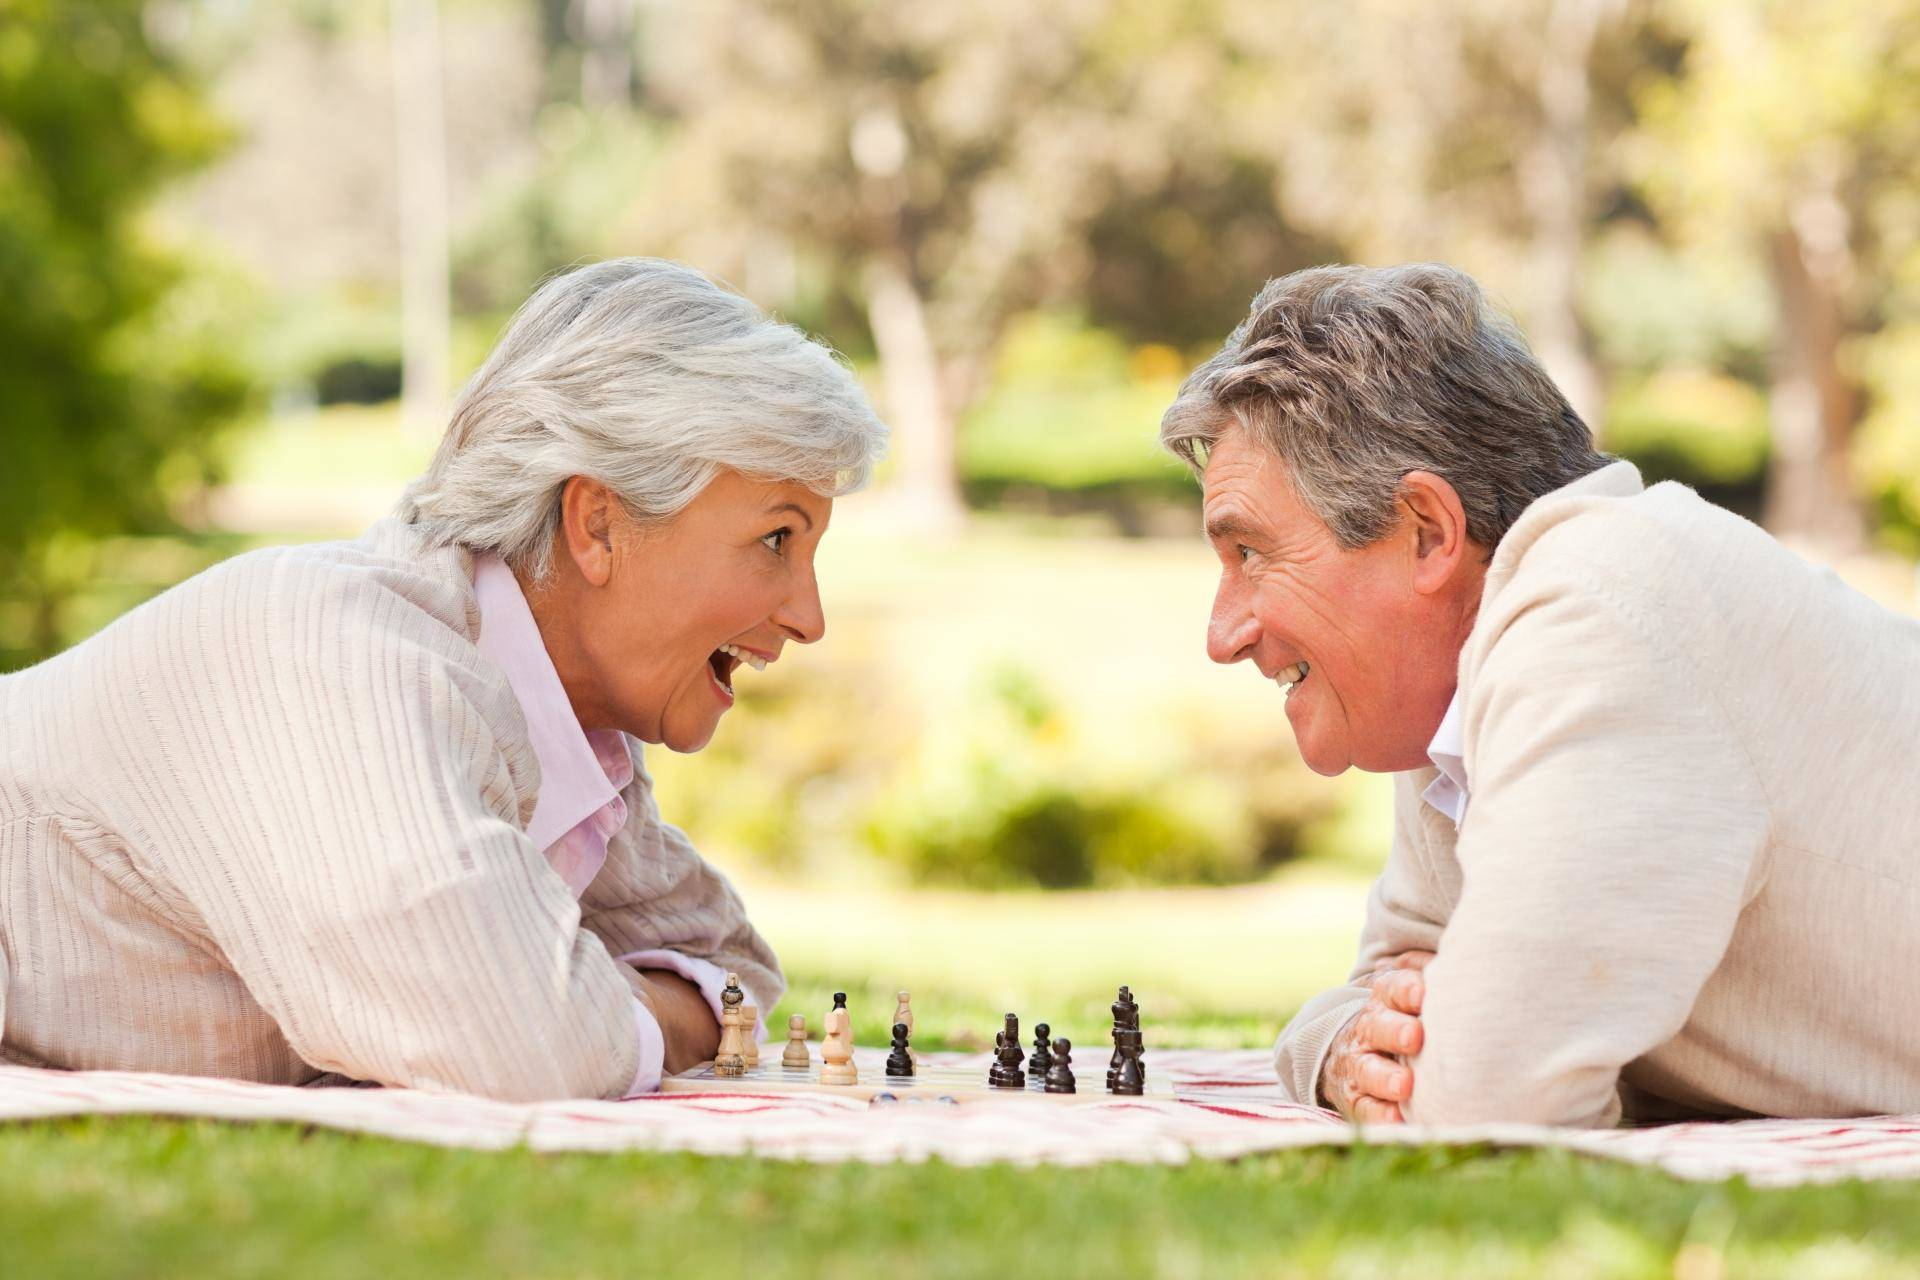 Sicherheitsprobleme für Senioren Wie GPS helfen kann - Sicherheitsprobleme für Senioren und wie GPS helfen kann